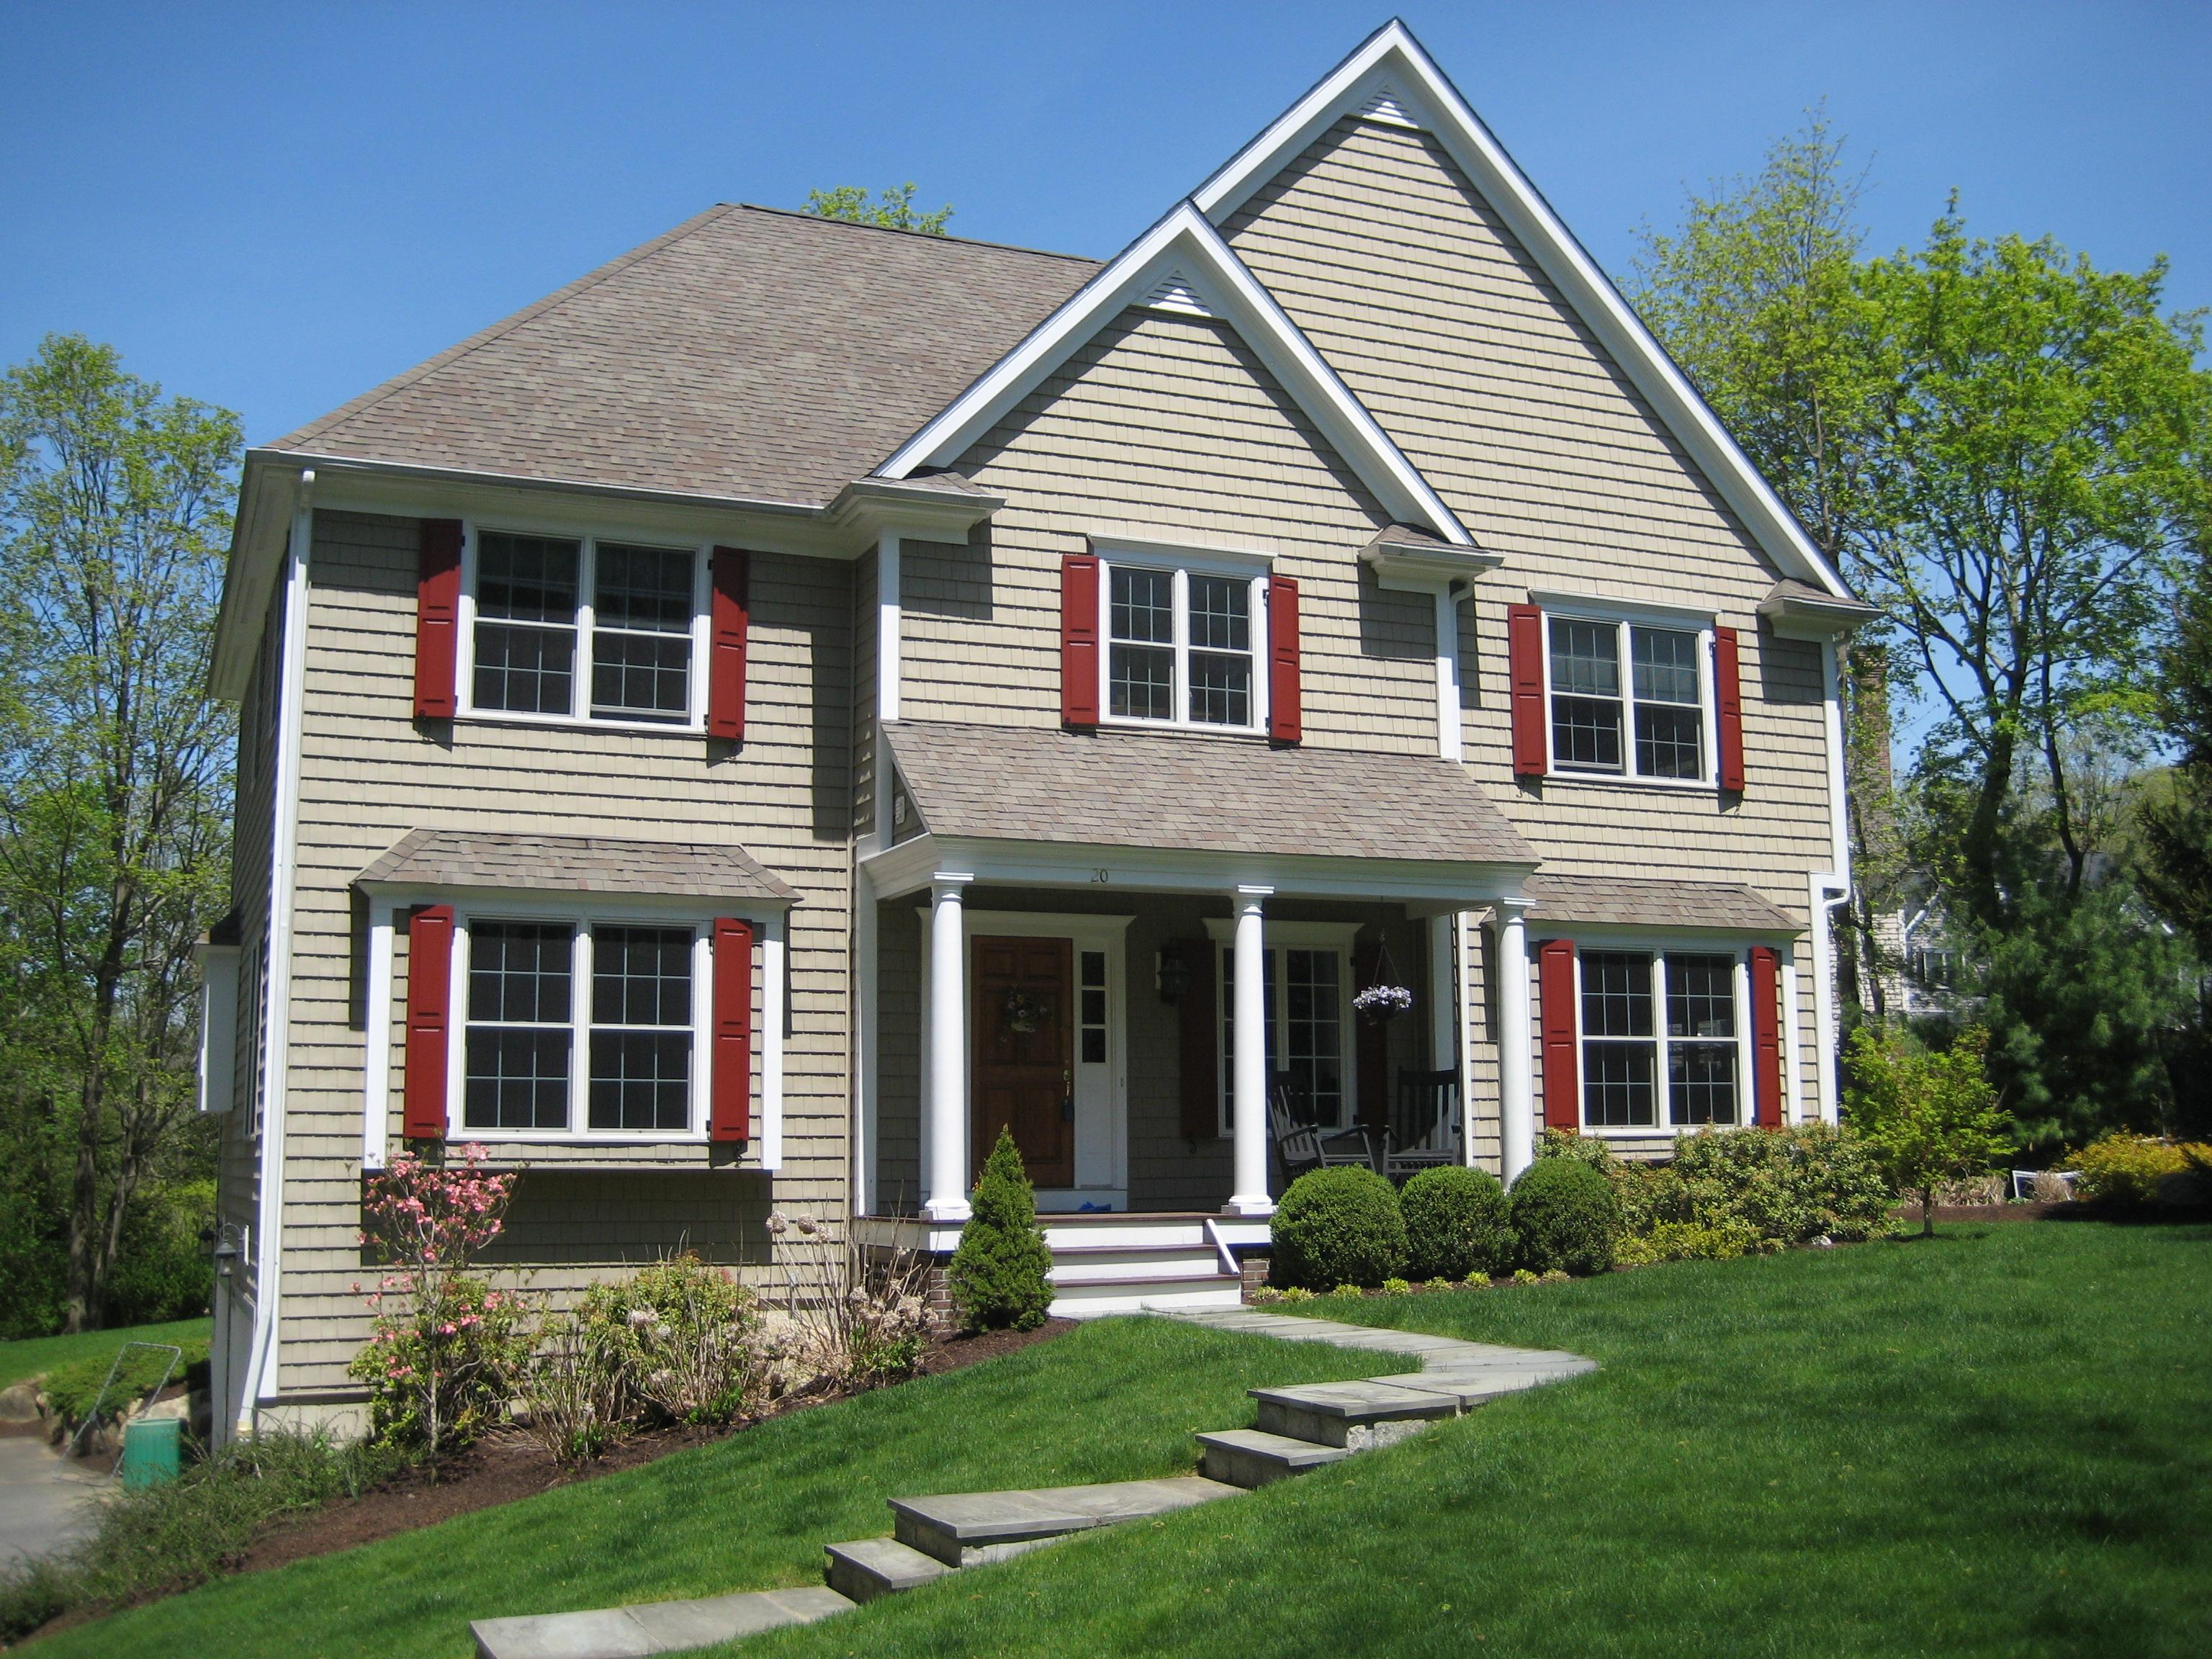 단독 가정 주택 용 매매 에 Coveted Walk to Town Location 20 Mulvaney Court Ridgefield, 코네티컷, 06877 미국